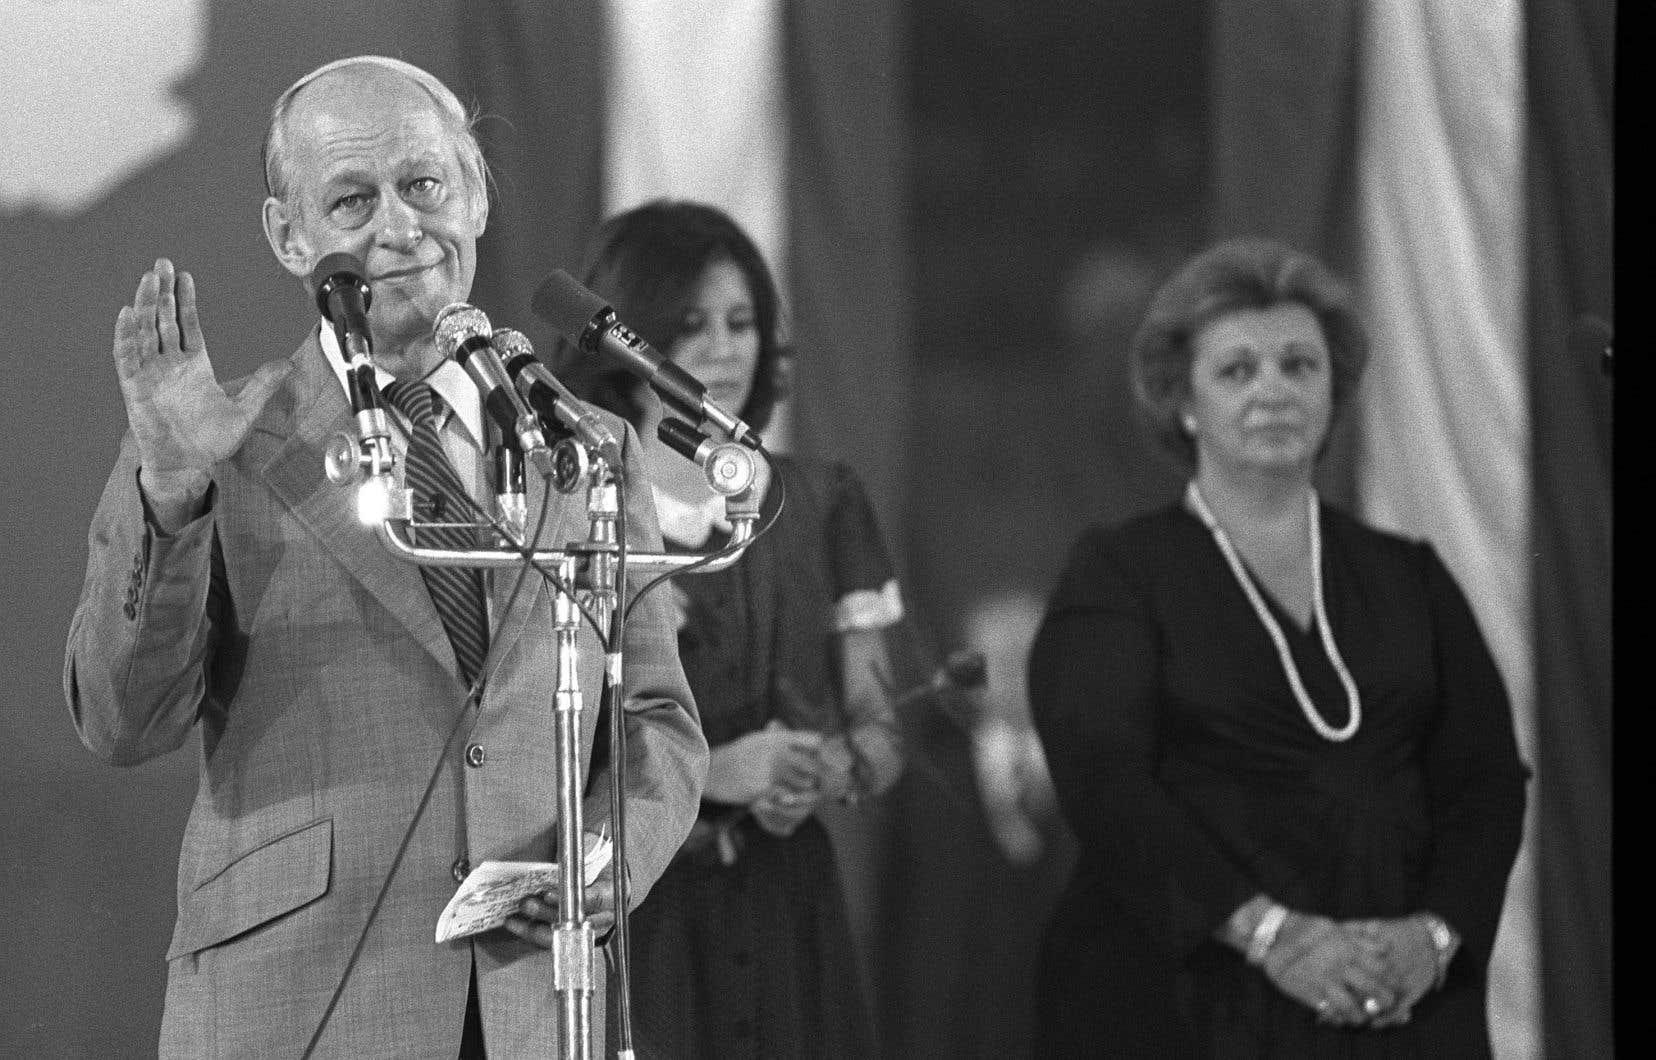 «Pour les élus de 1976, l'idée d'indépendance était le combat de leur vie. Il est donc pour le moins hasardeux de donner l'impression que M.Lévesque (photo) et son gouvernement se sont lancés dans une campagne d'une telle importance un peu à la va comme je te pousse», affirme l'auteur.